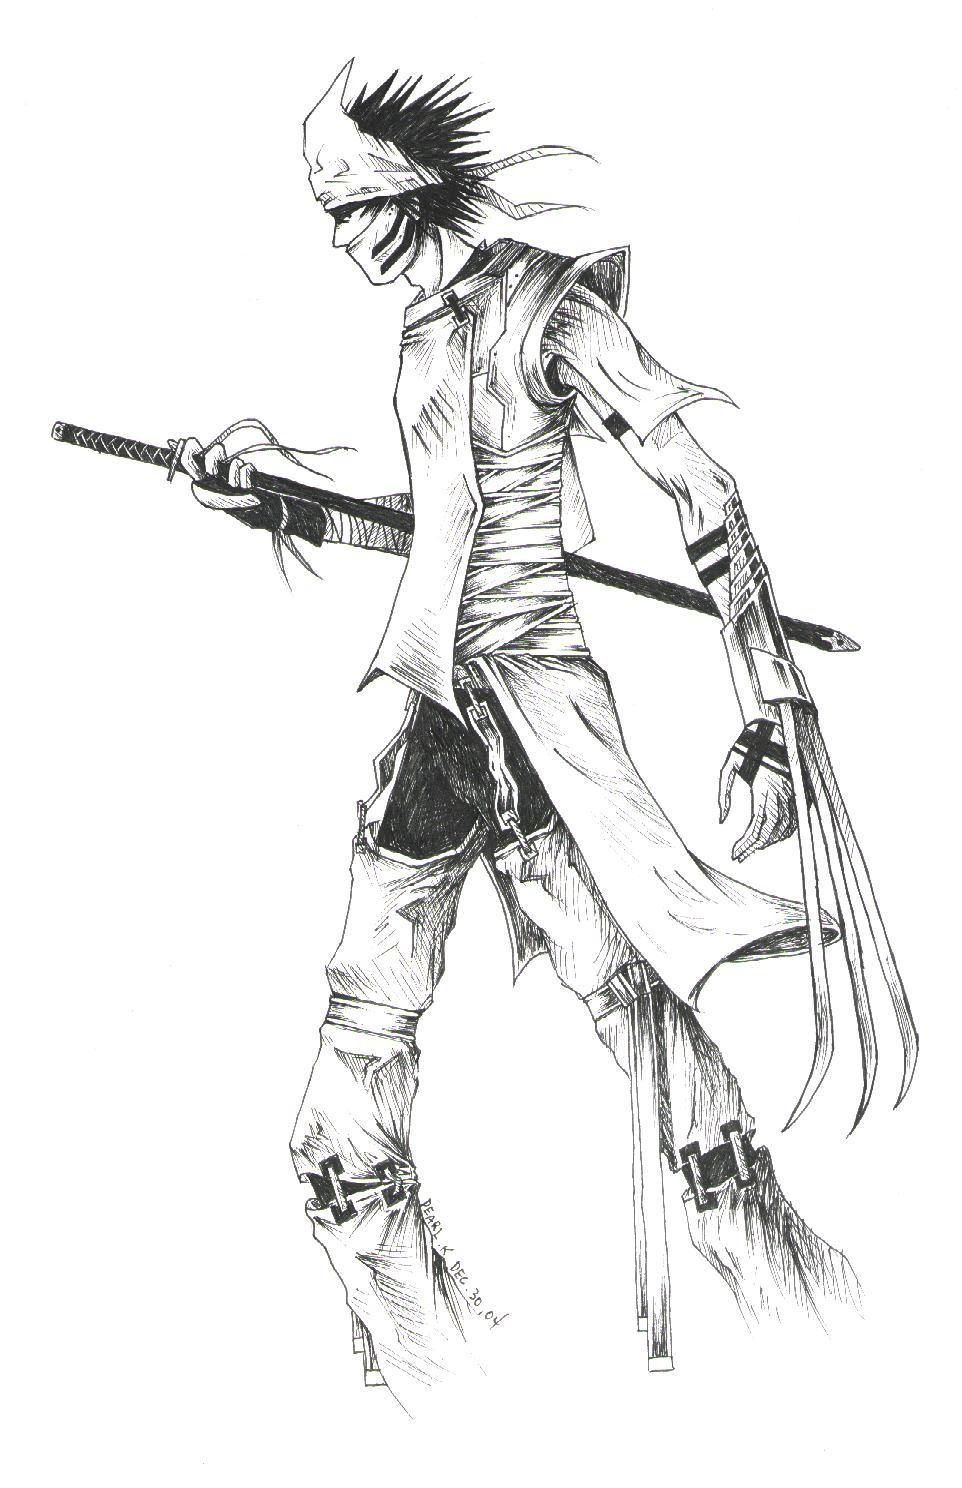 Assassin by darkness127 on deviantART